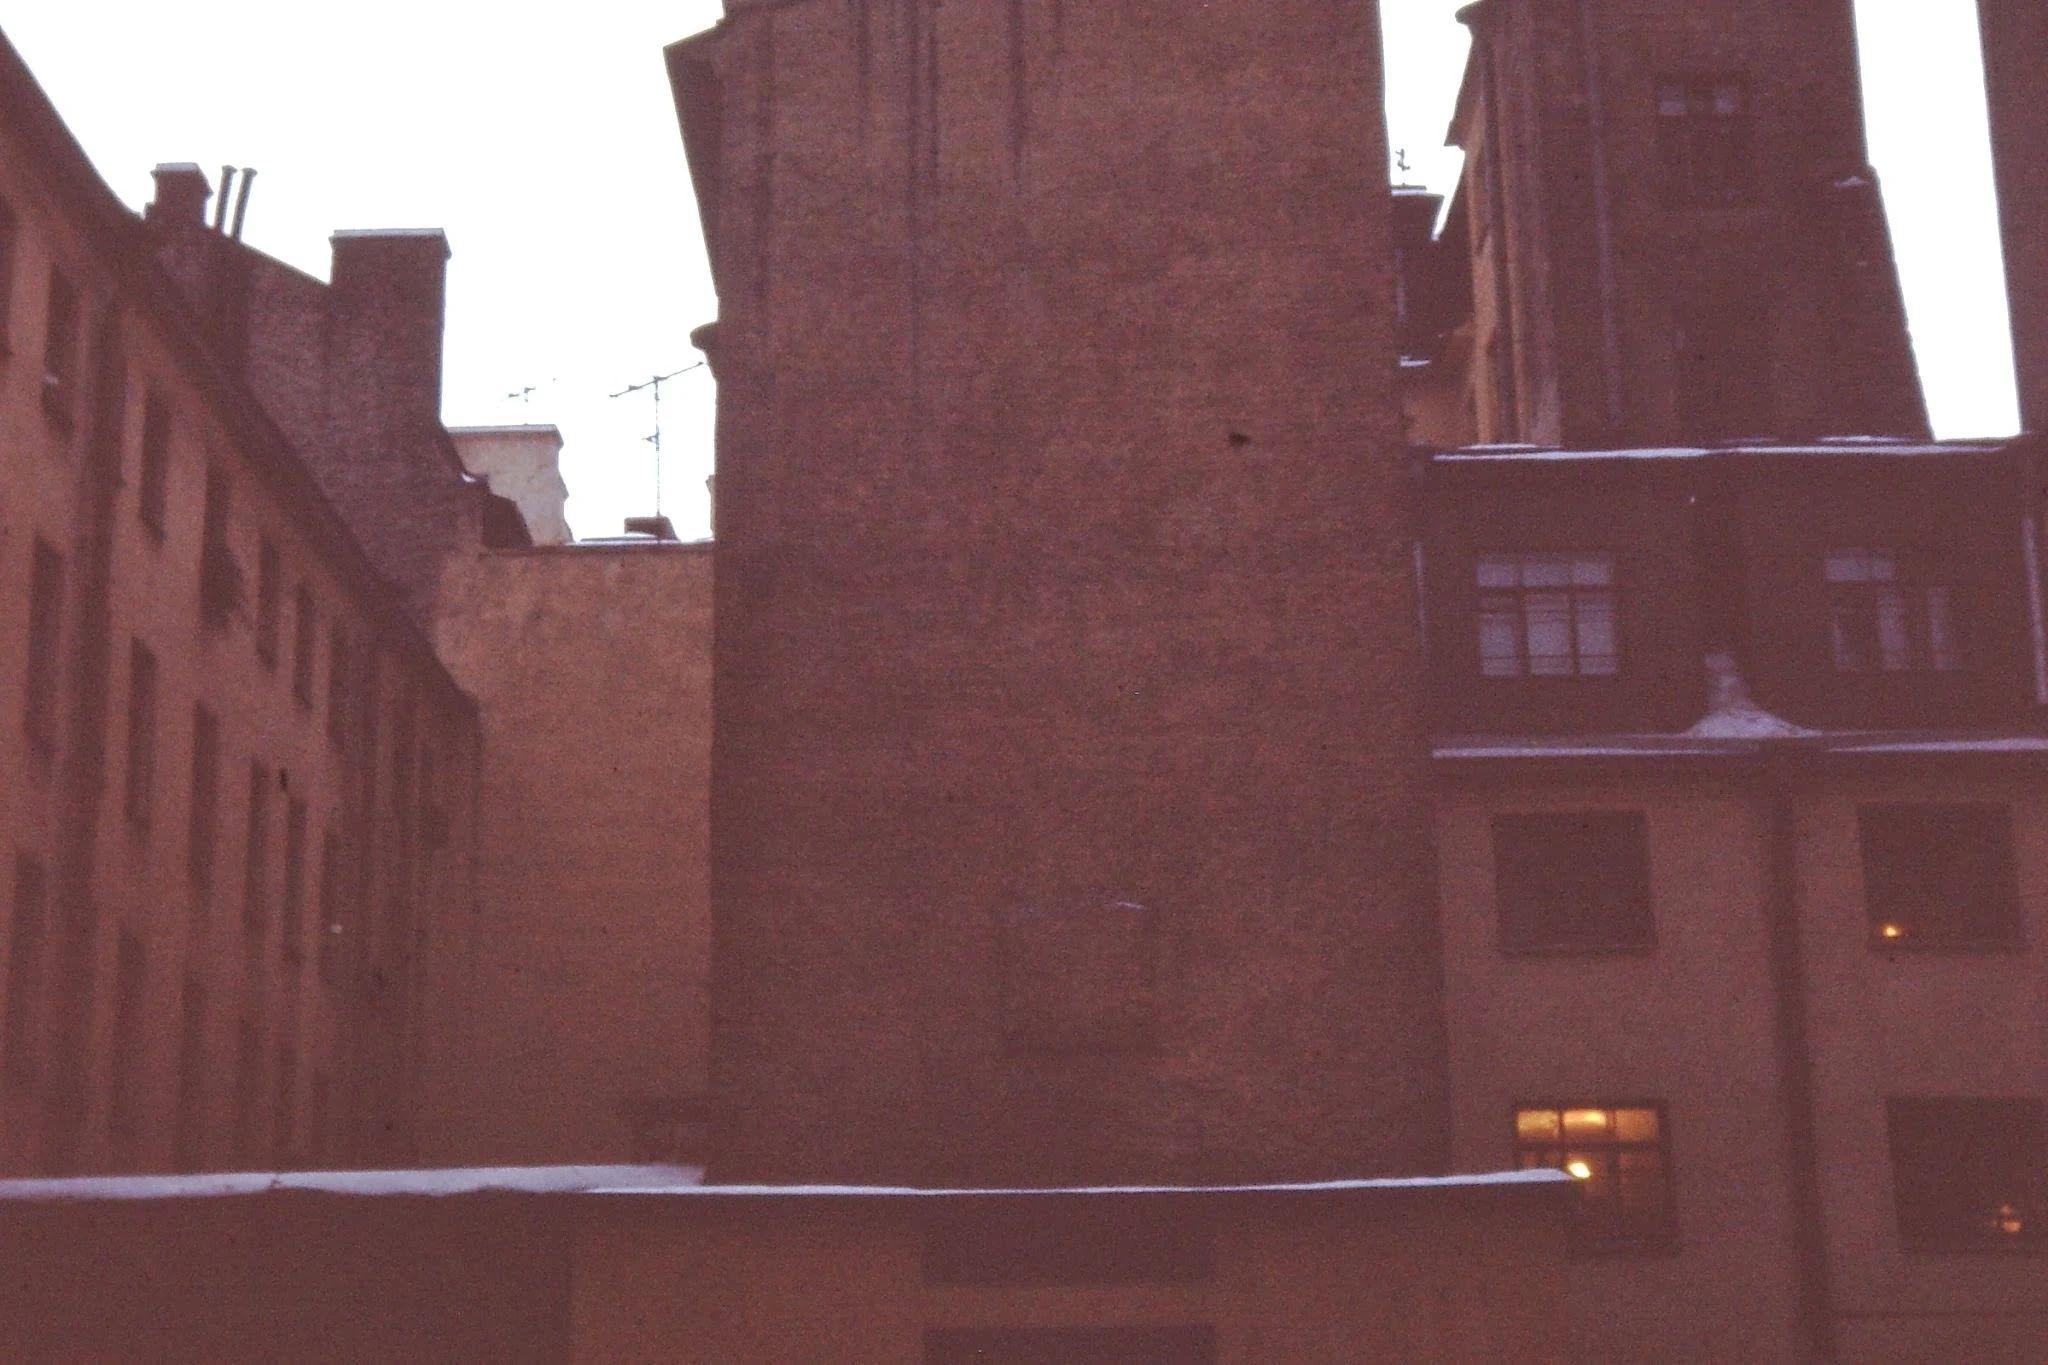 За красивыми фасадами прячутся печальные дворы жилых кварталов